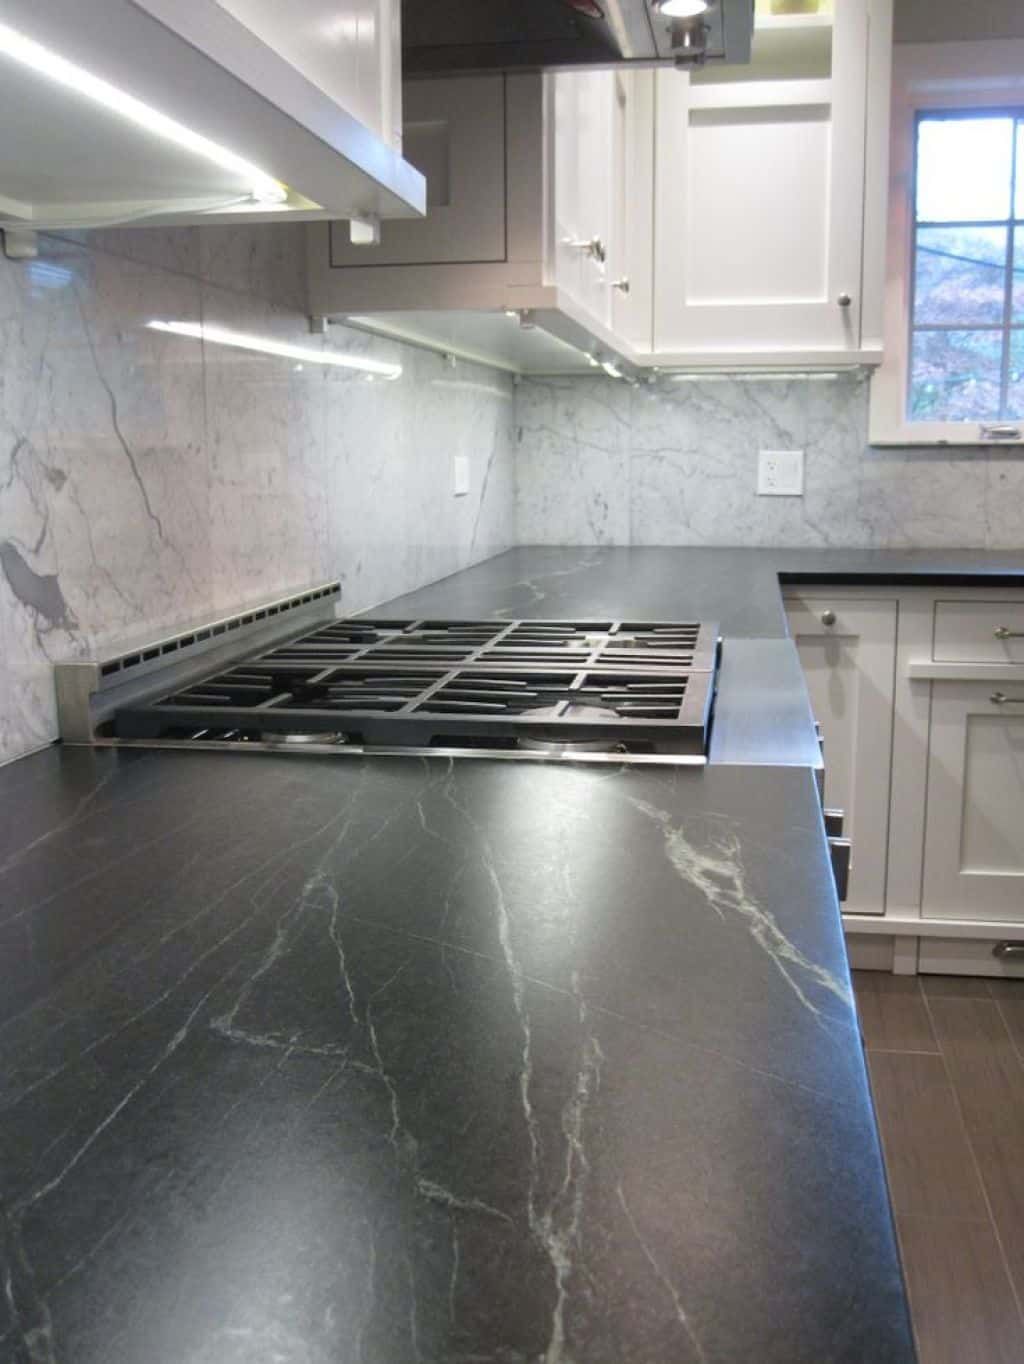 Installation Speckstein Arbeitsplatten In Ihrer Küche Pick-up ein ...